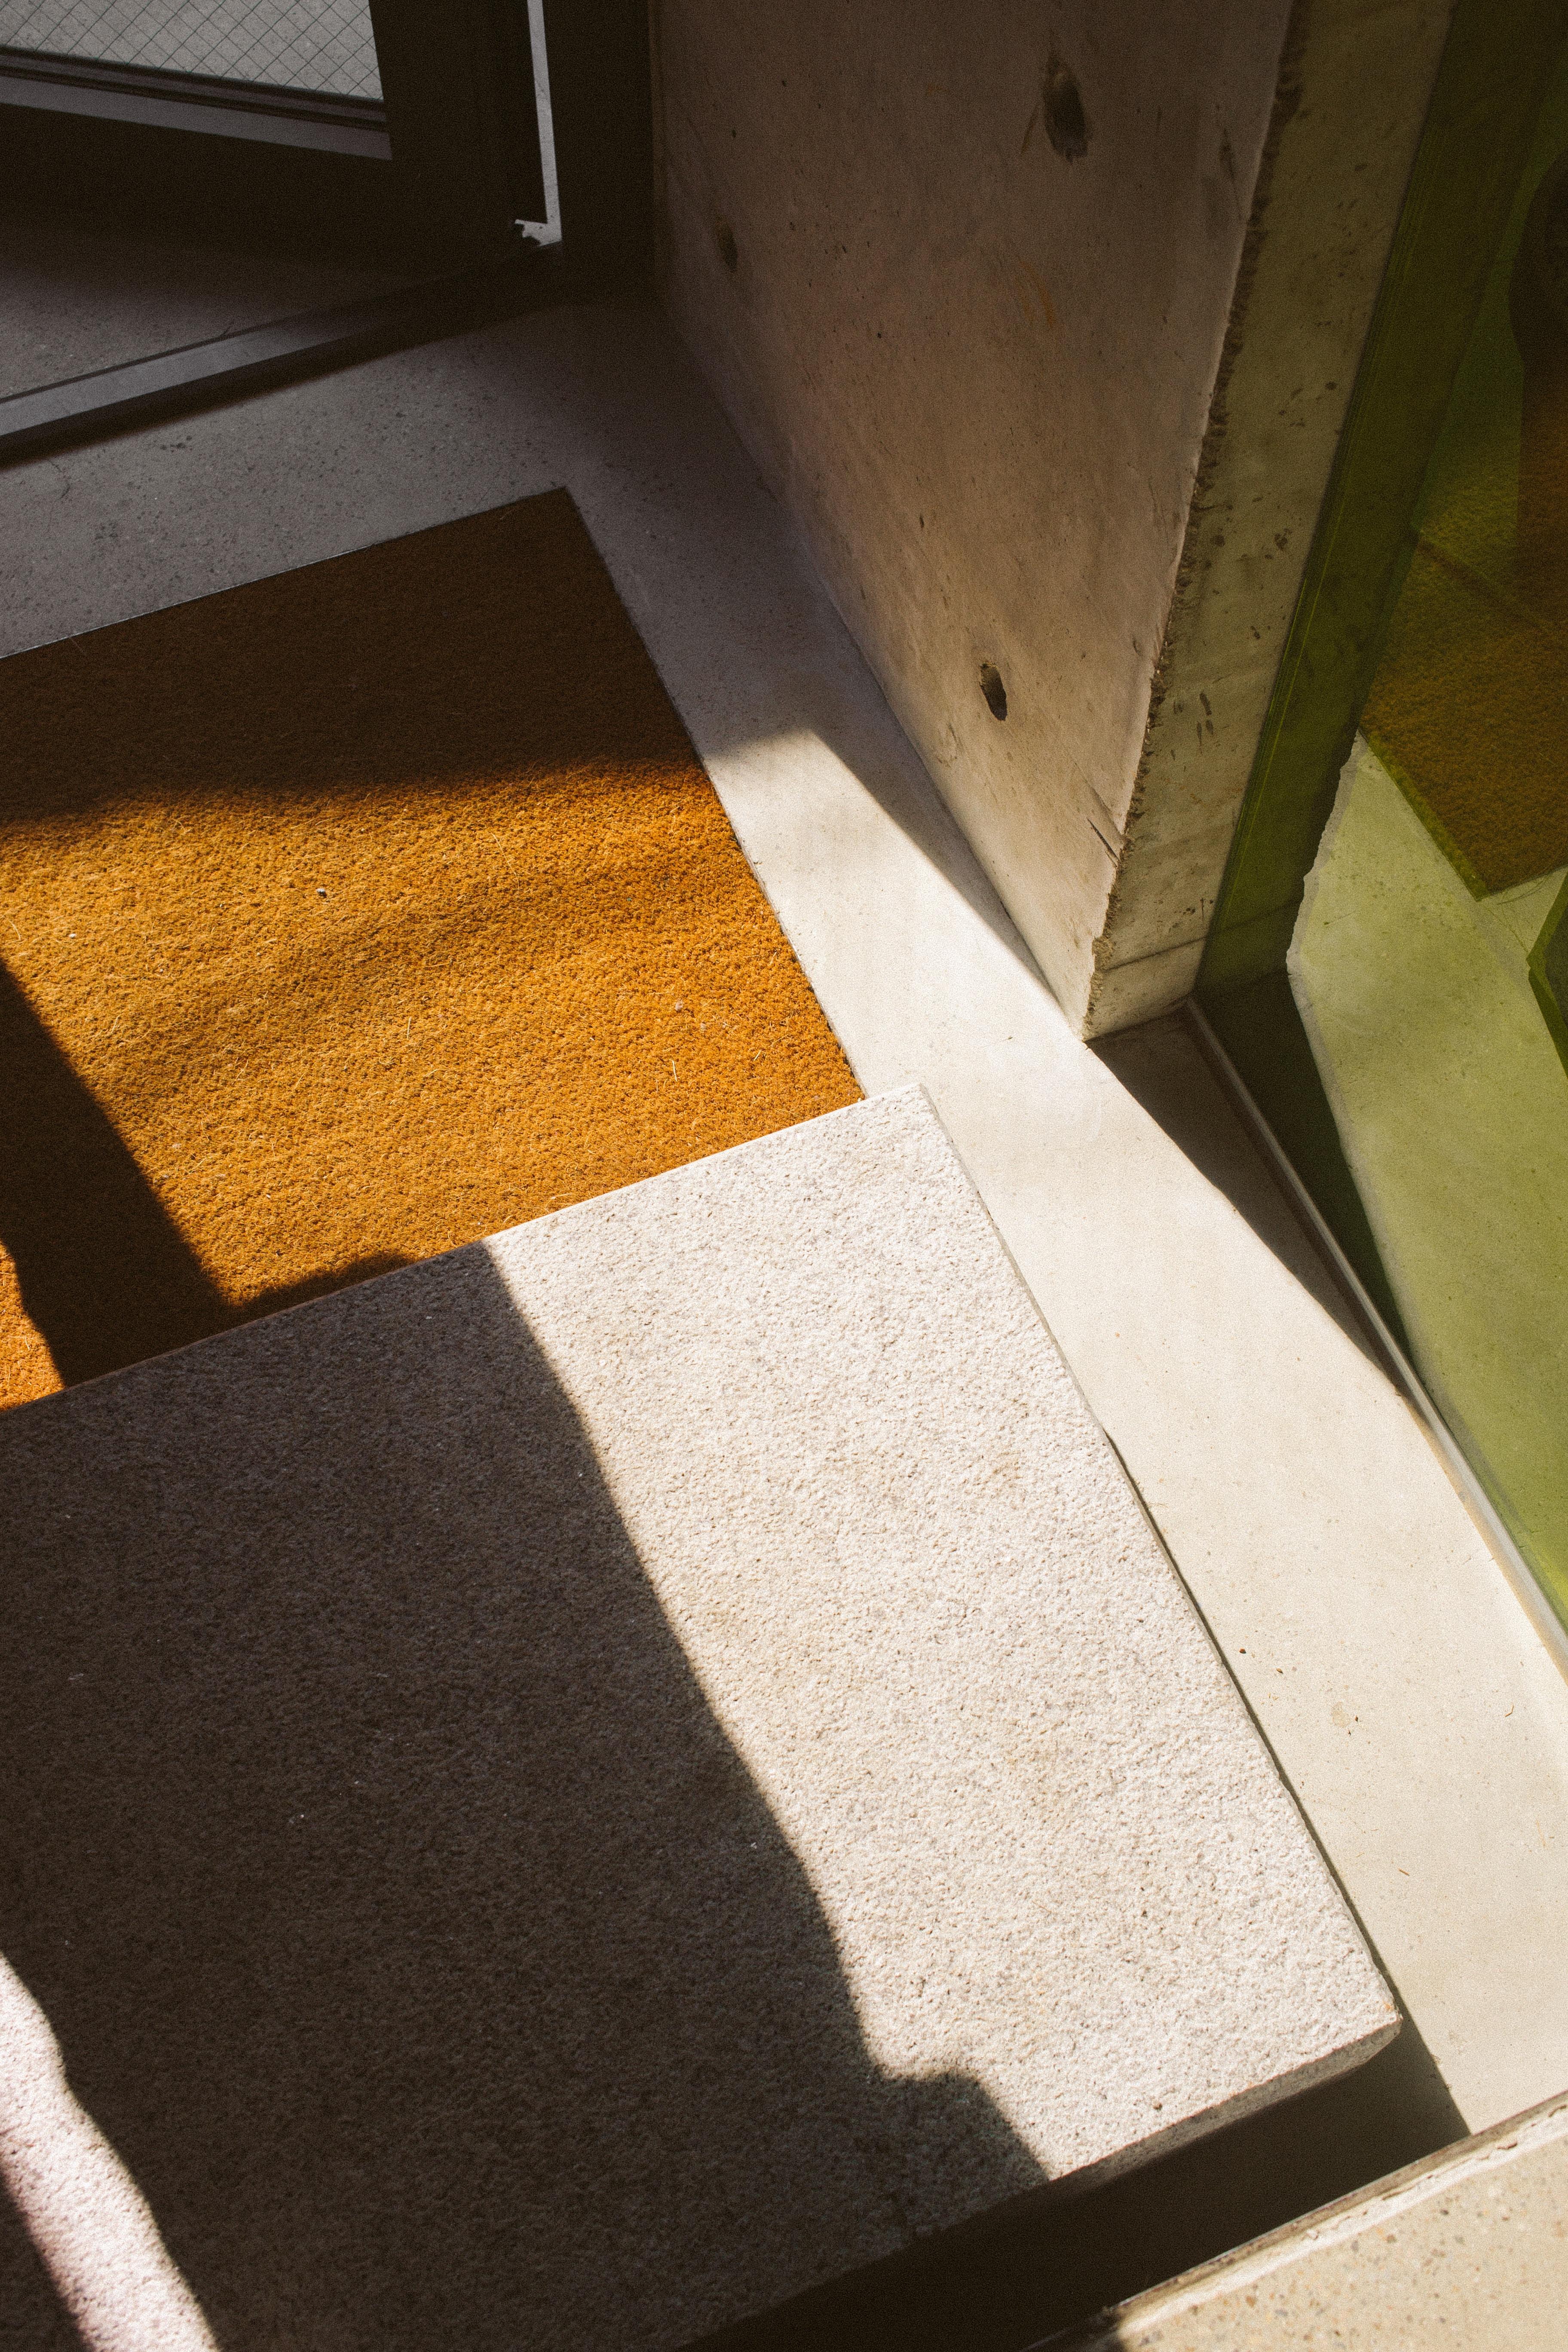 brown floor rug near opened door